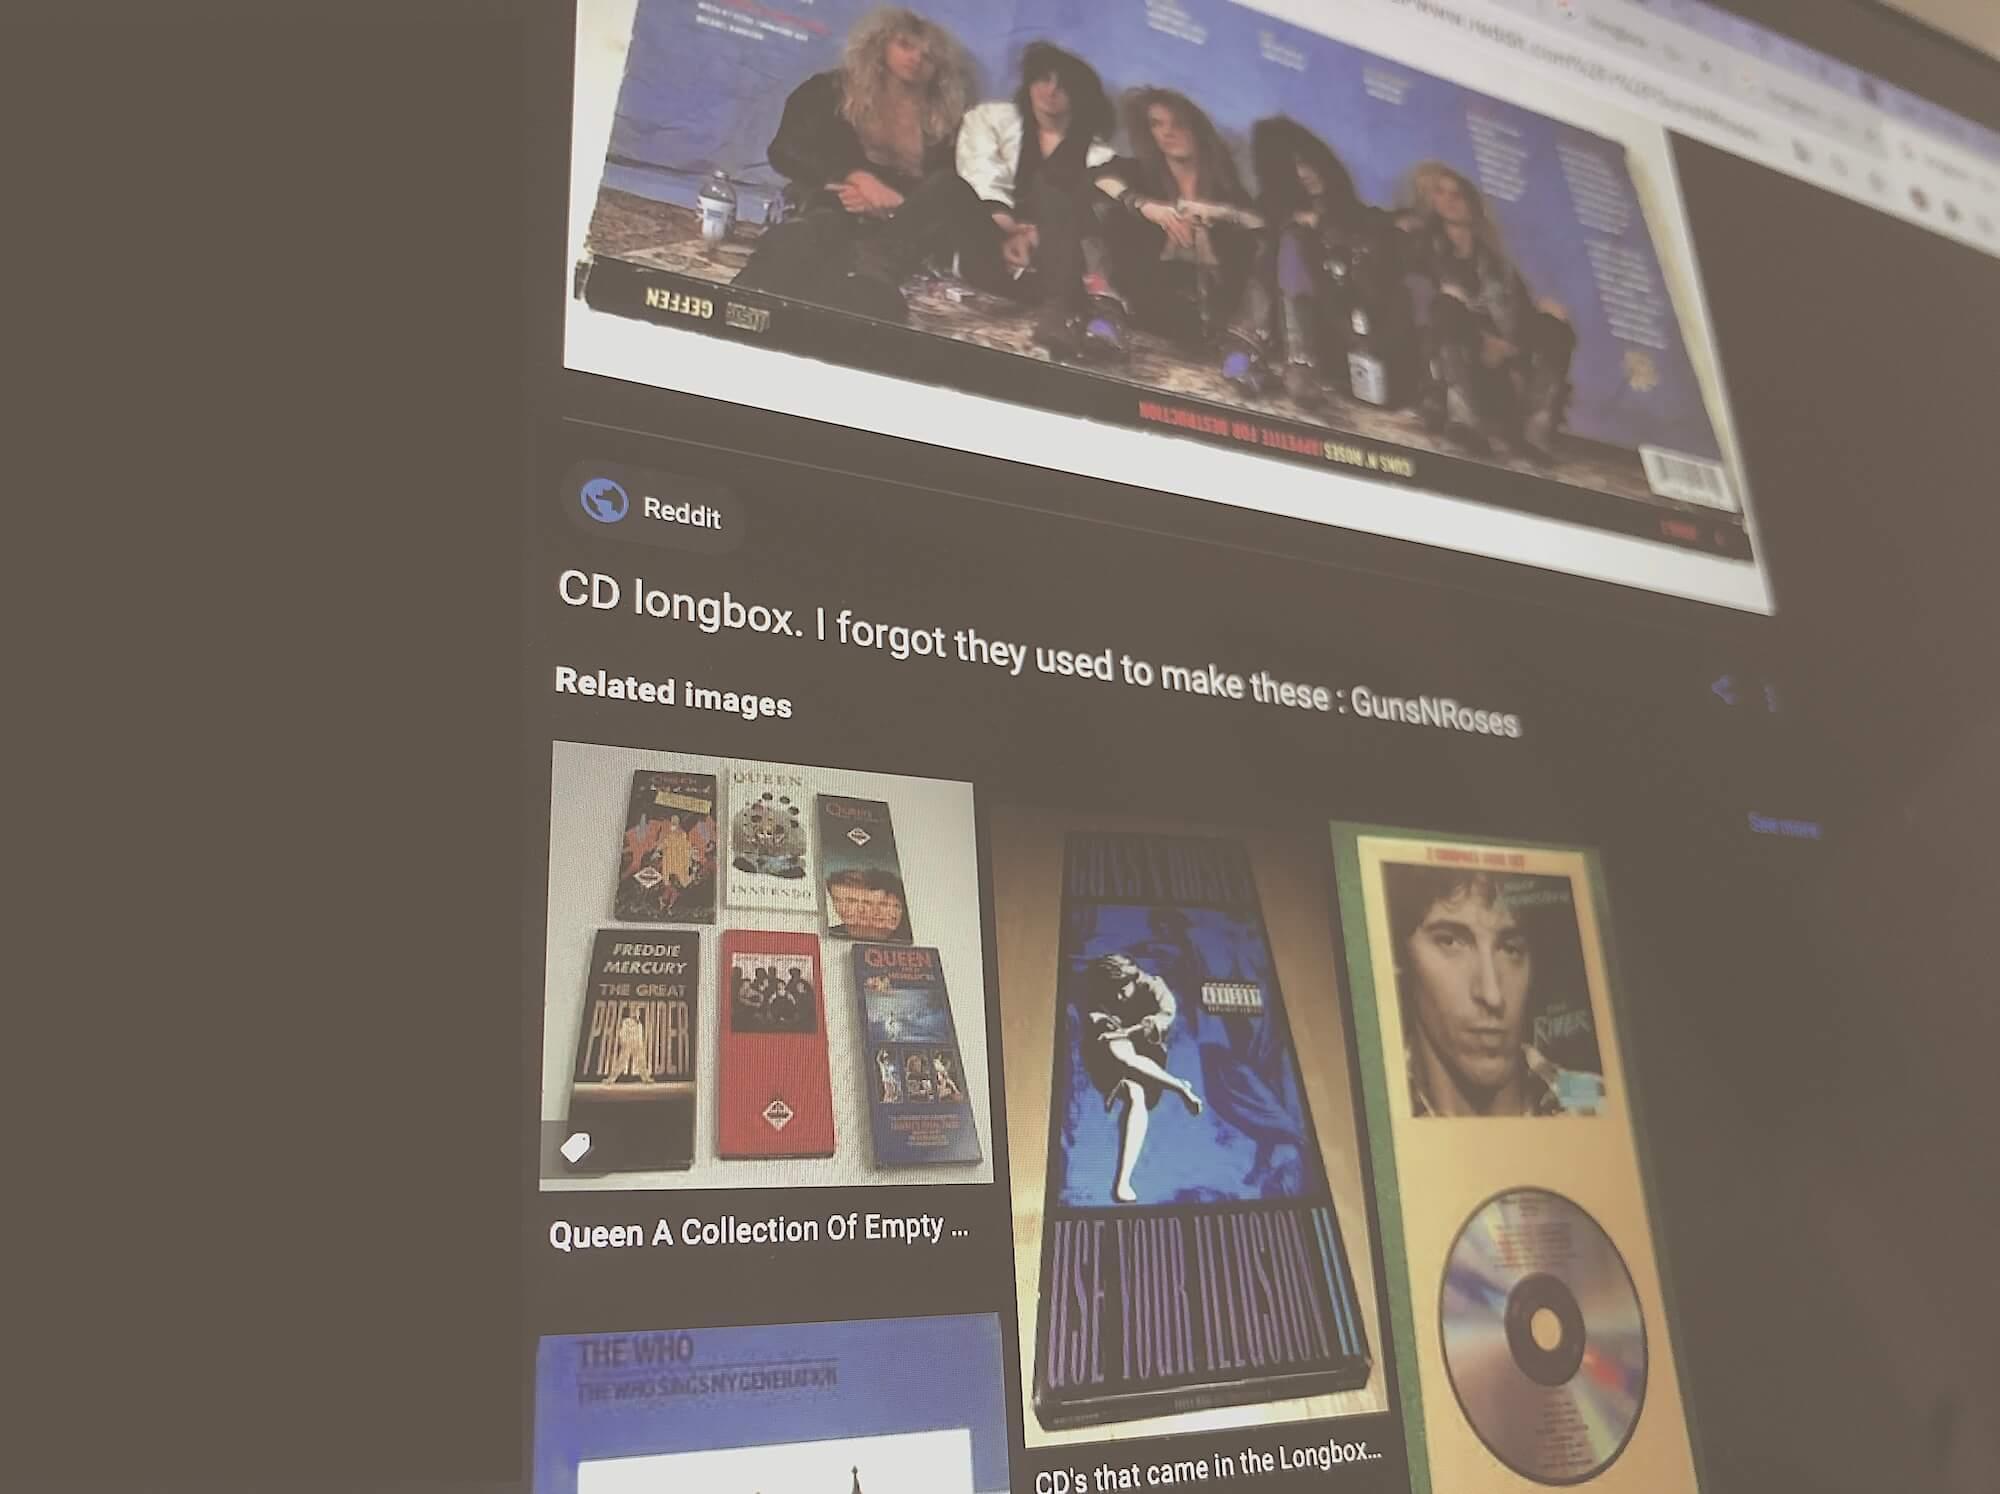 Пример выдачи конвертов музыкальных альбомов по запросу «longbox»